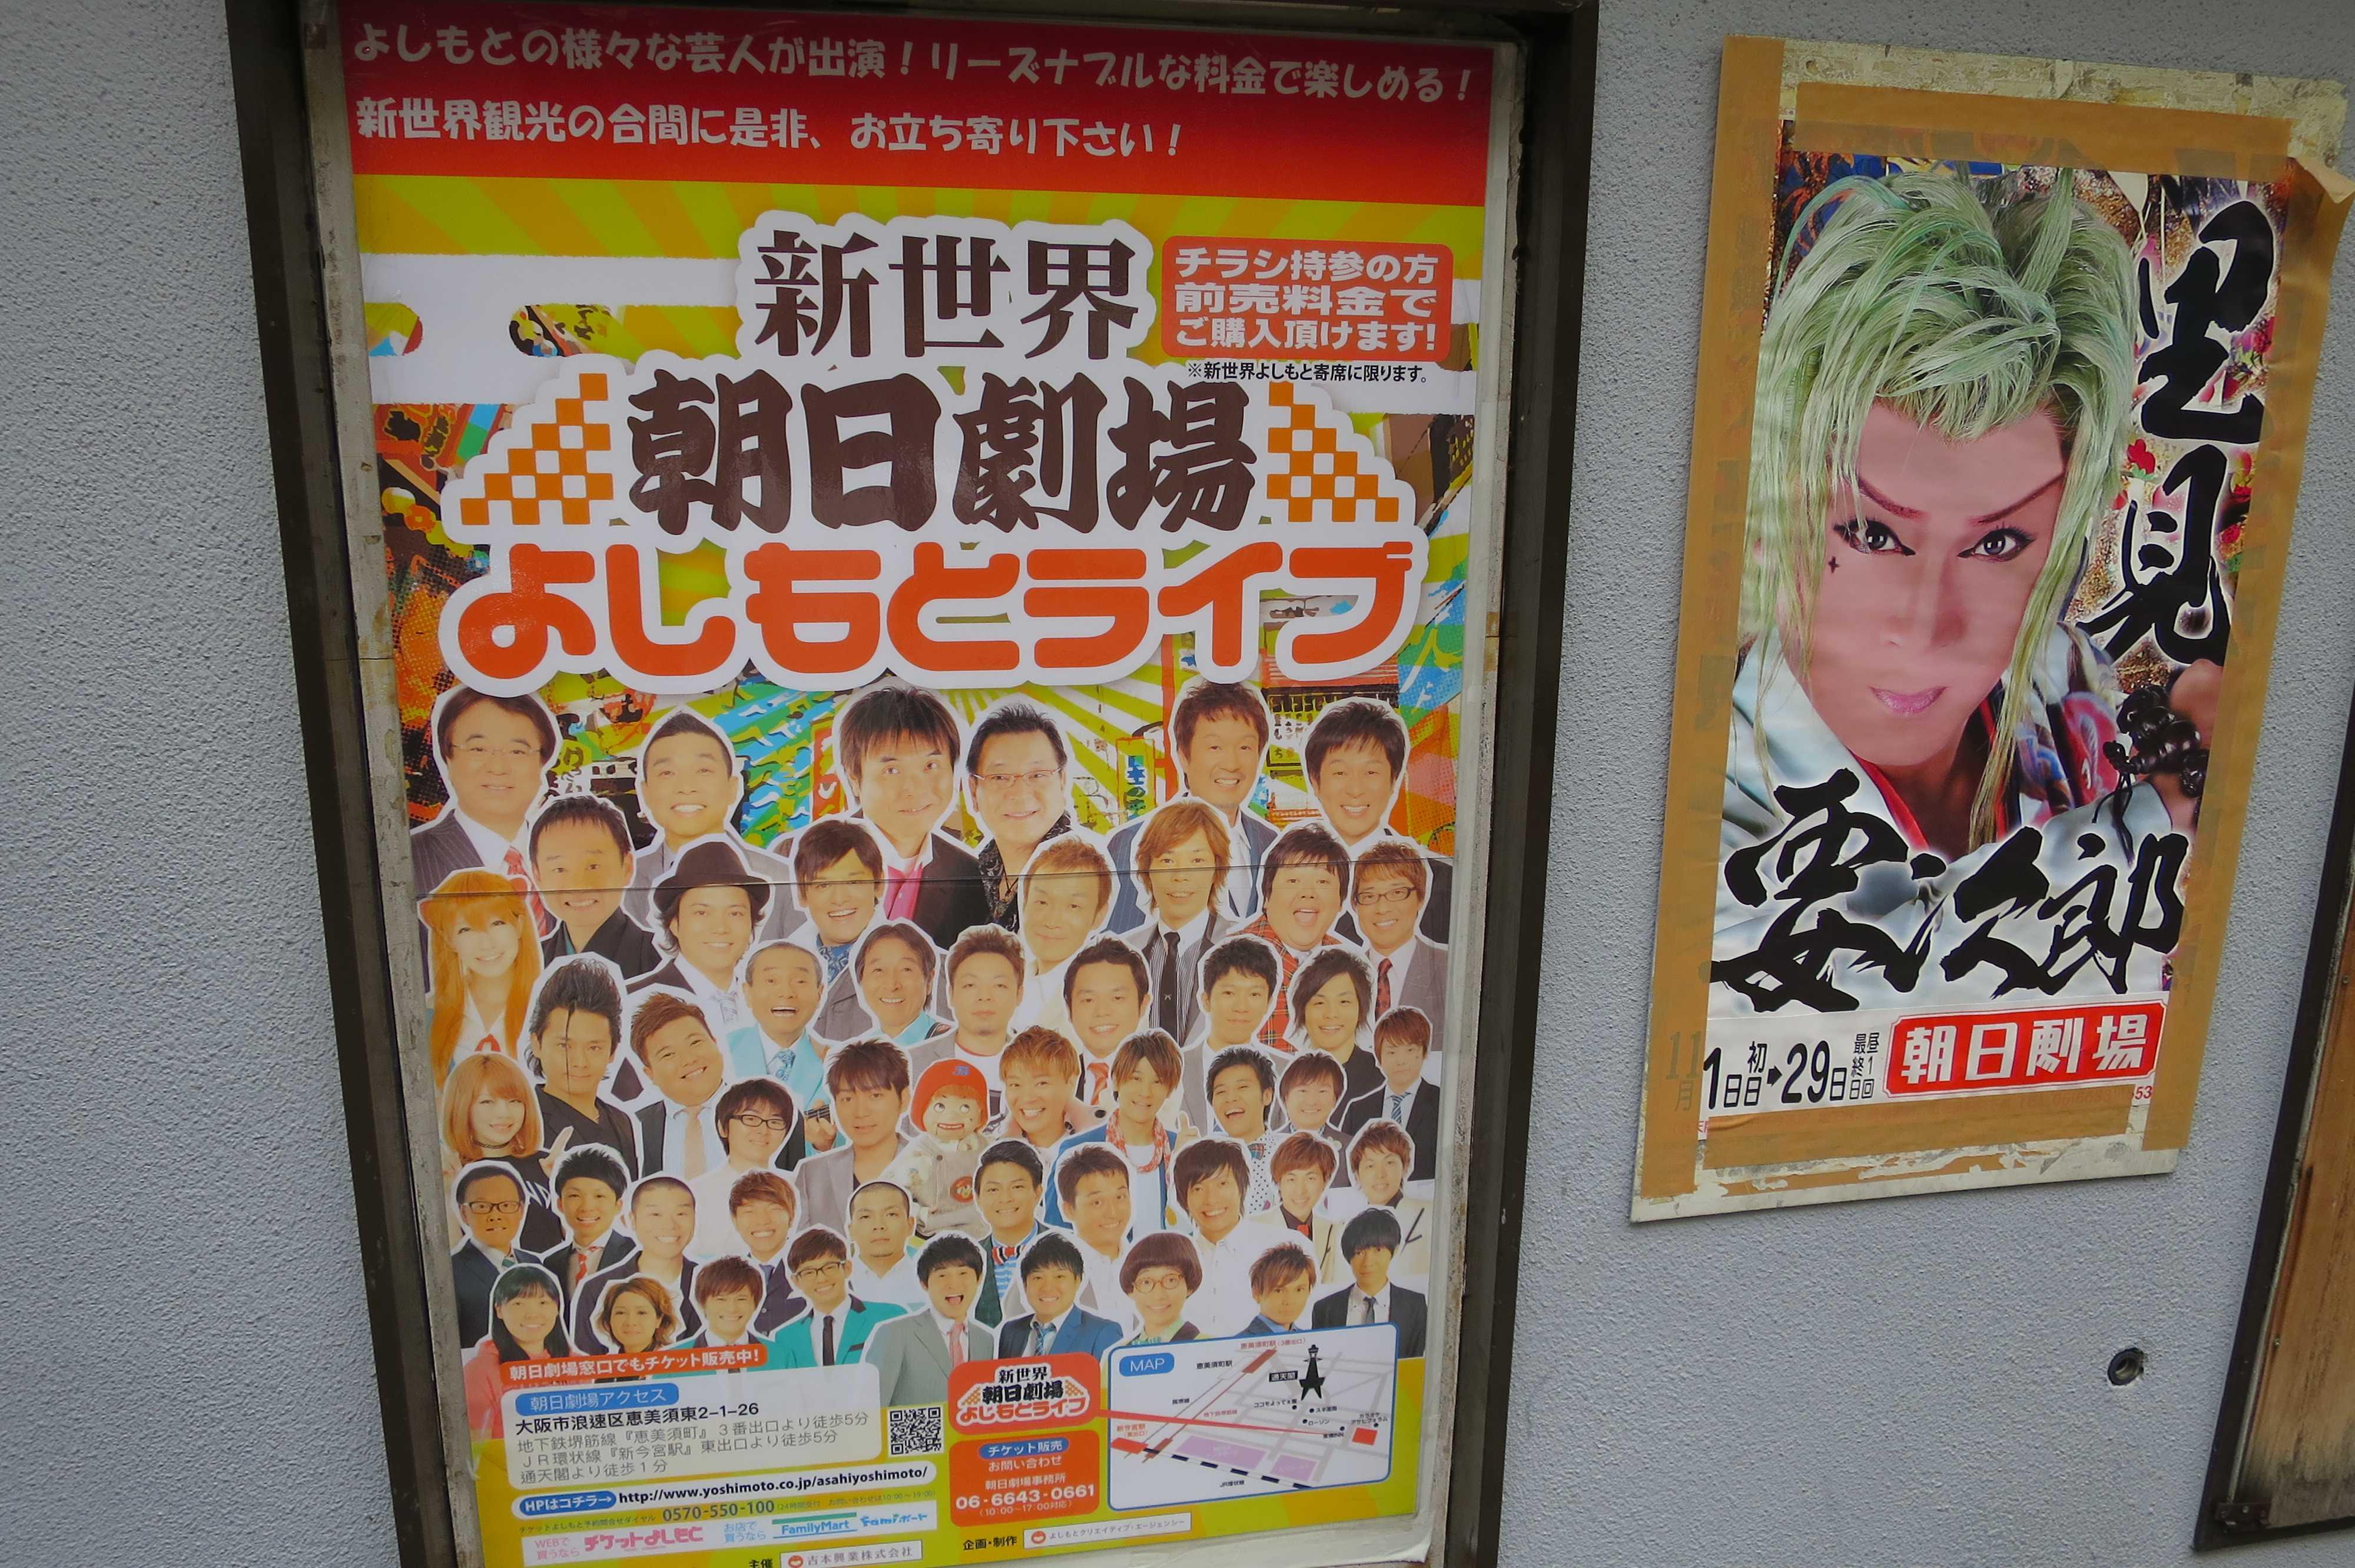 新世界 朝日劇場のポスター